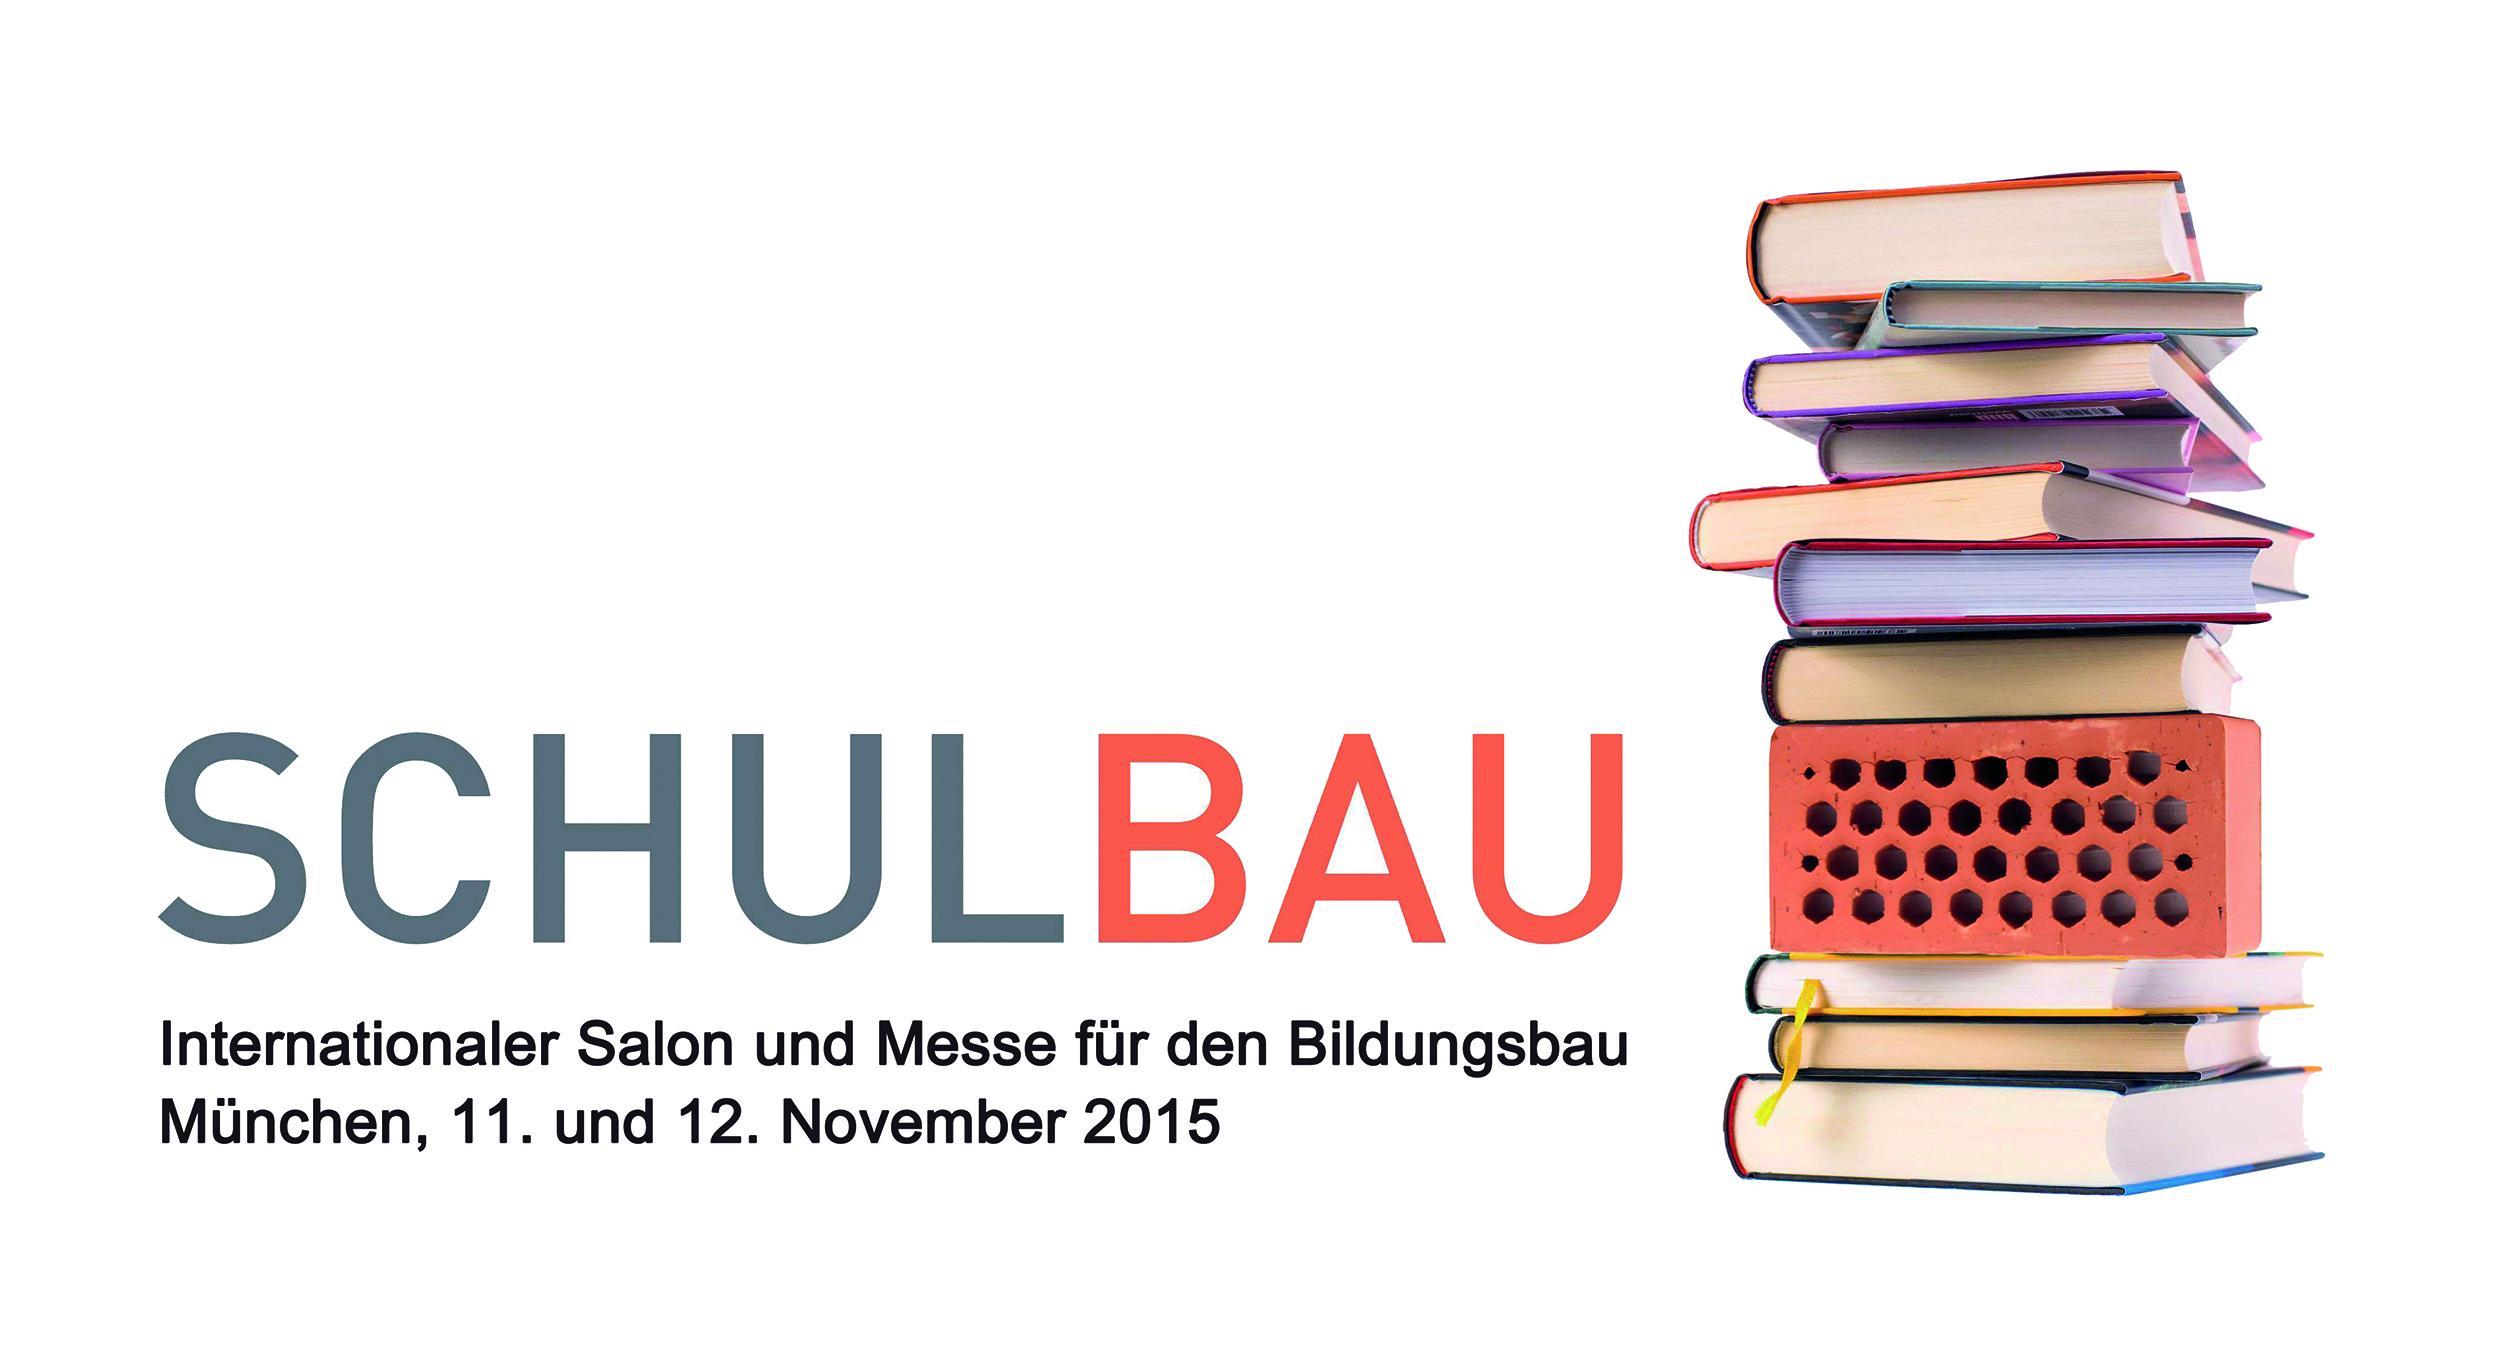 SCHULBAU Trade Fair 2015, Munich.